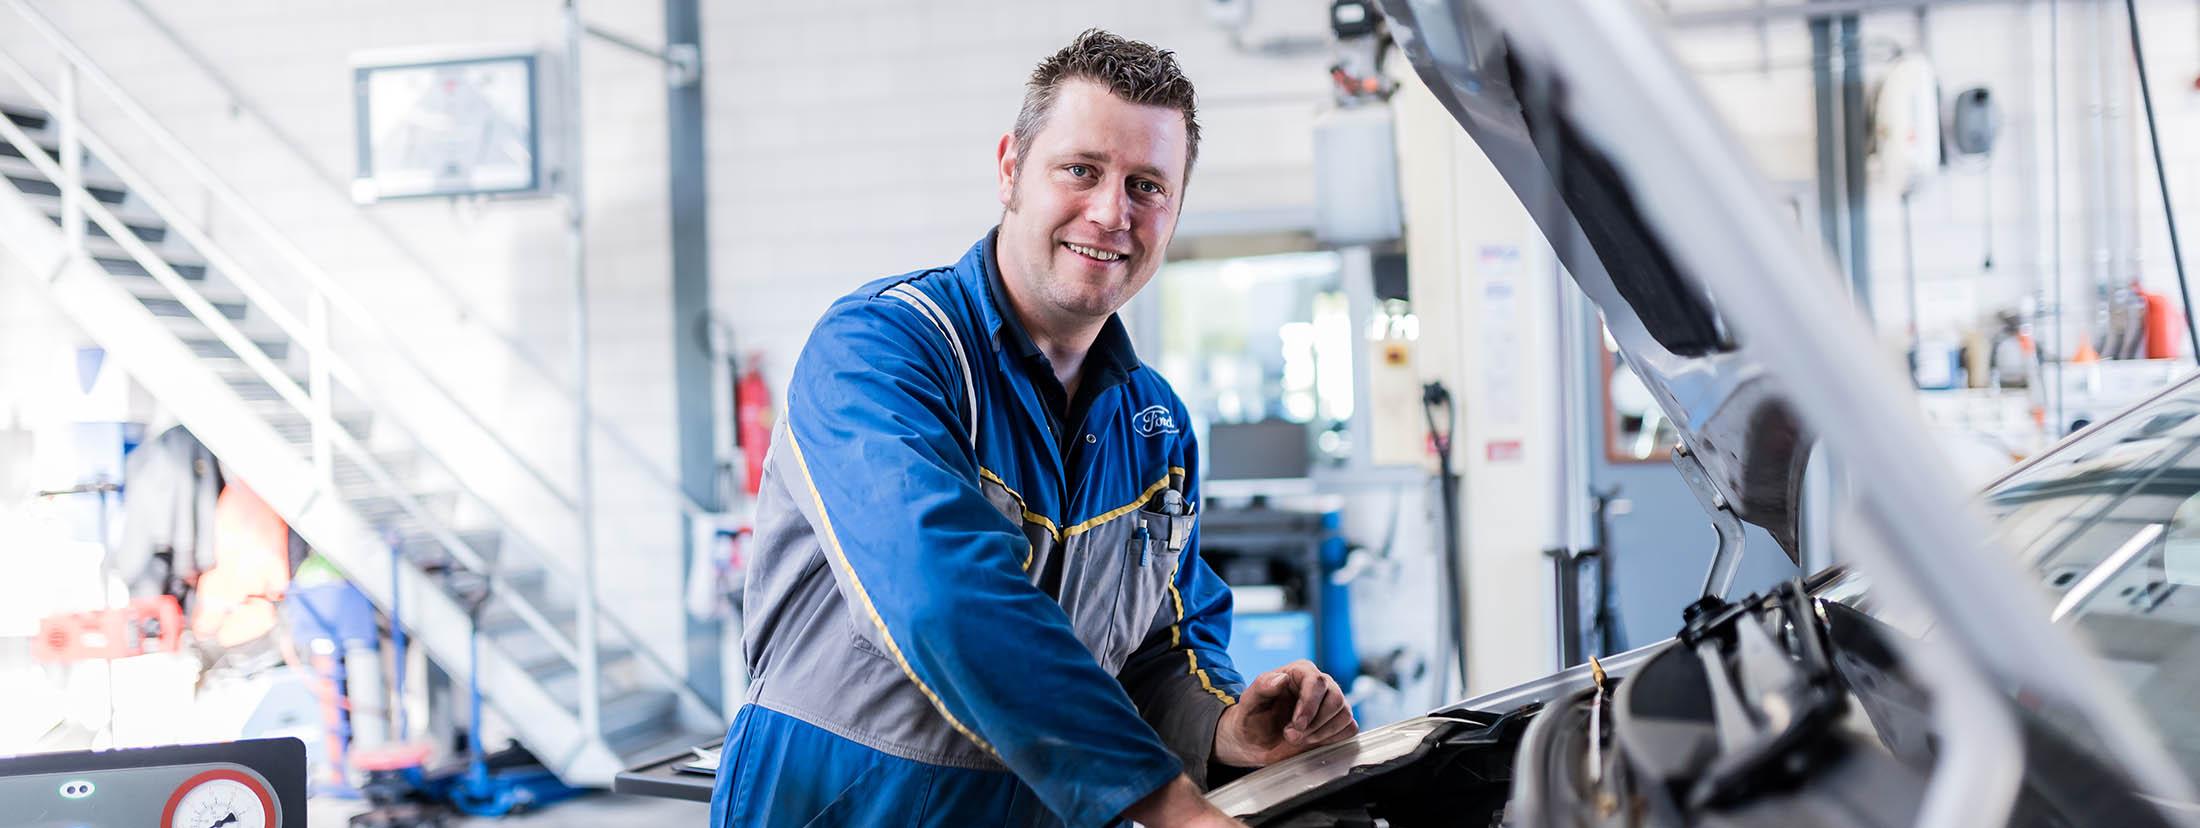 APK keuring autobedrijf van Leussen